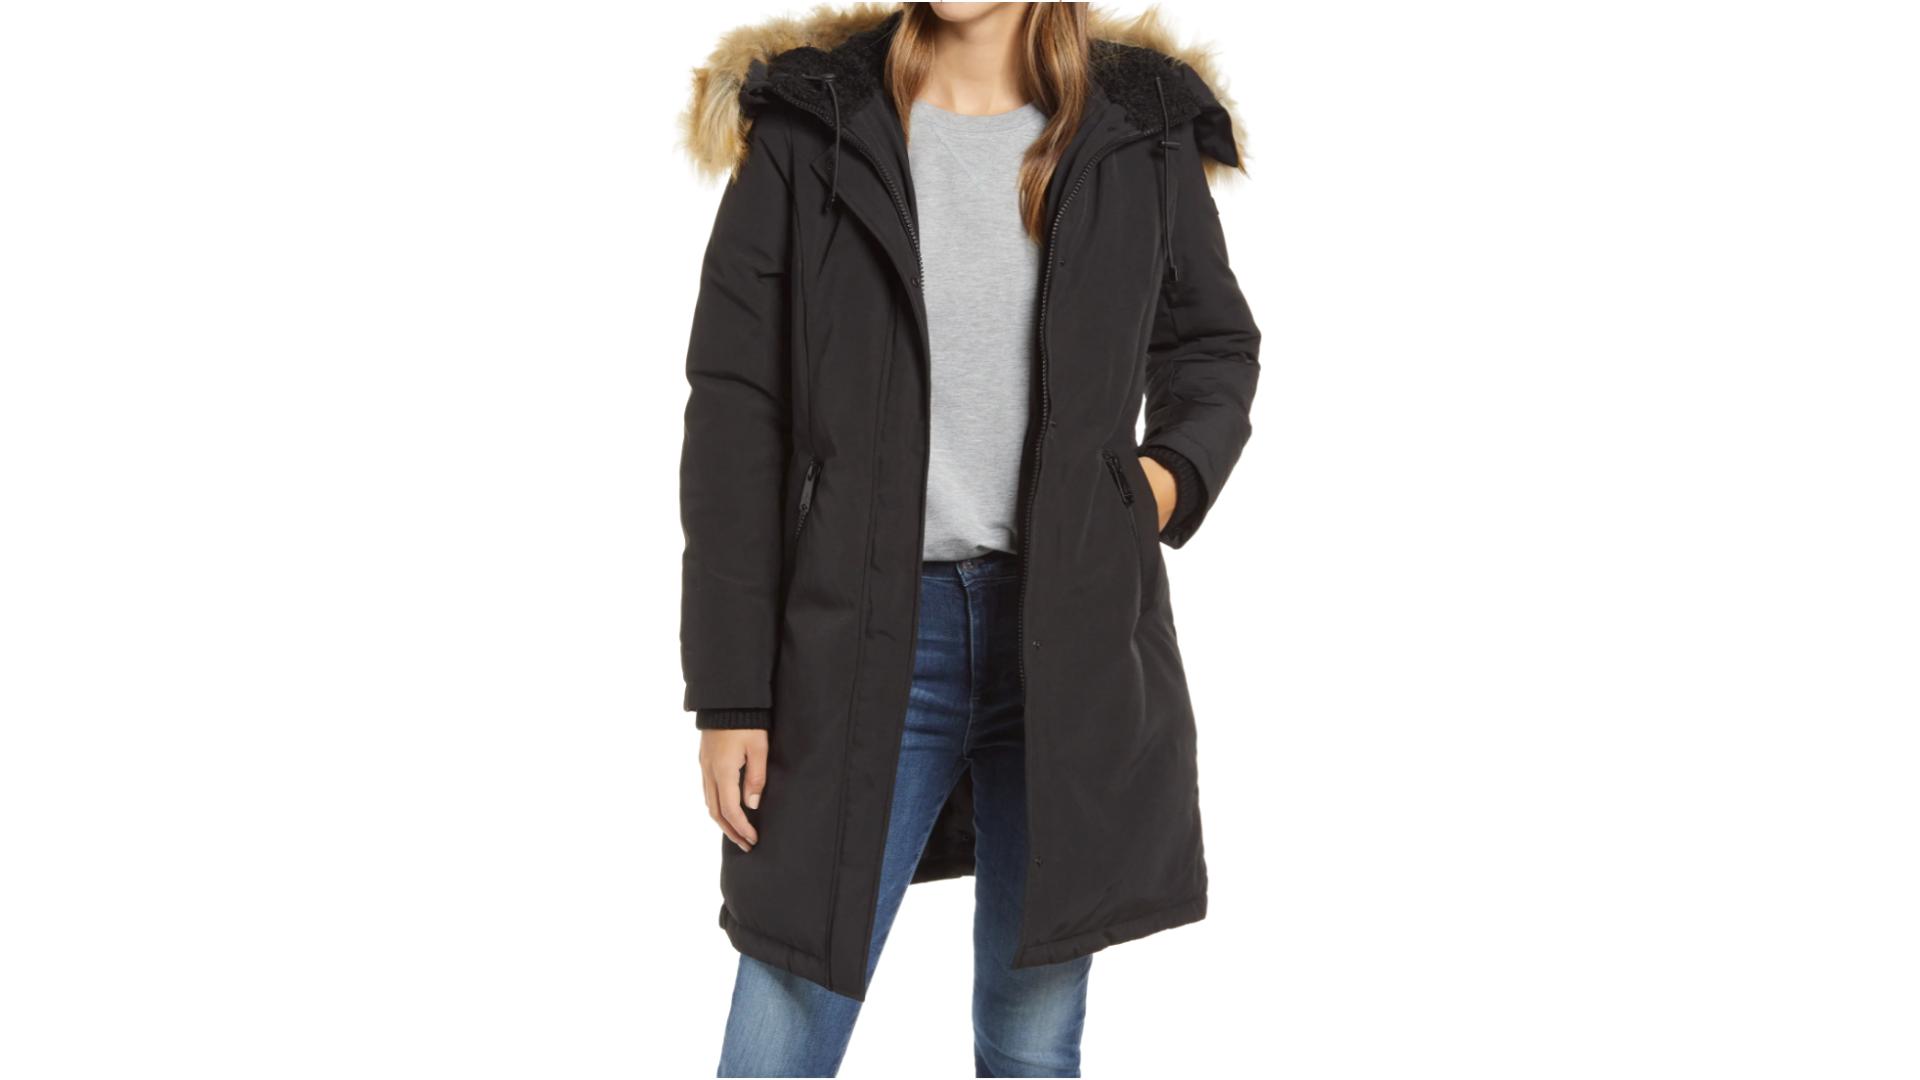 sam edelman faux fur coat best women's winter coats for extreme cold